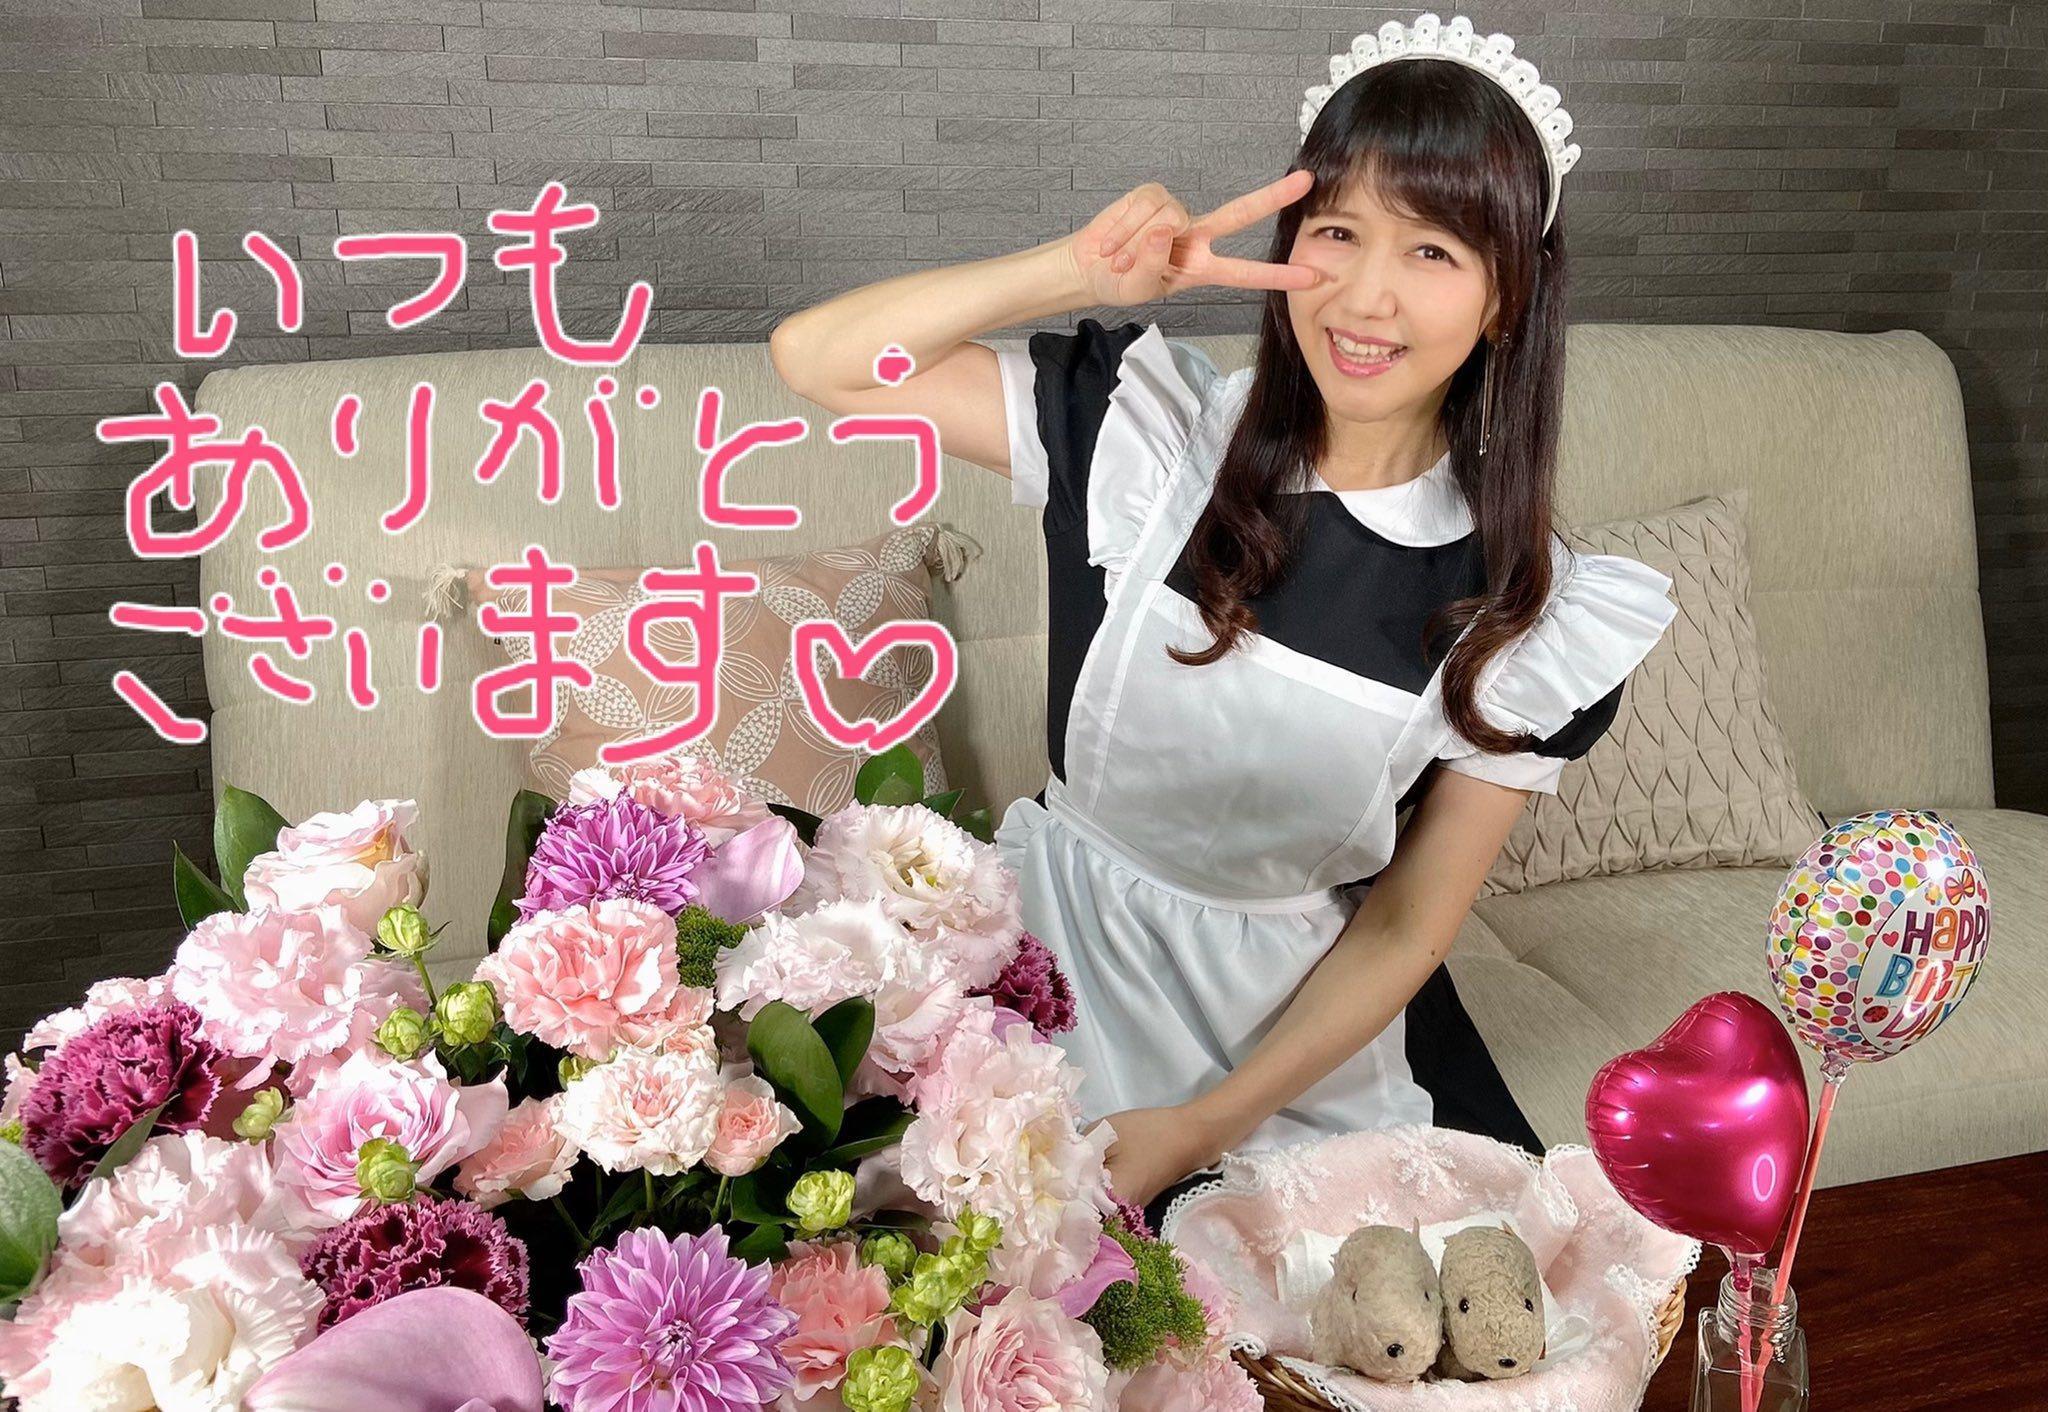 井上喜久子 17岁教 生日